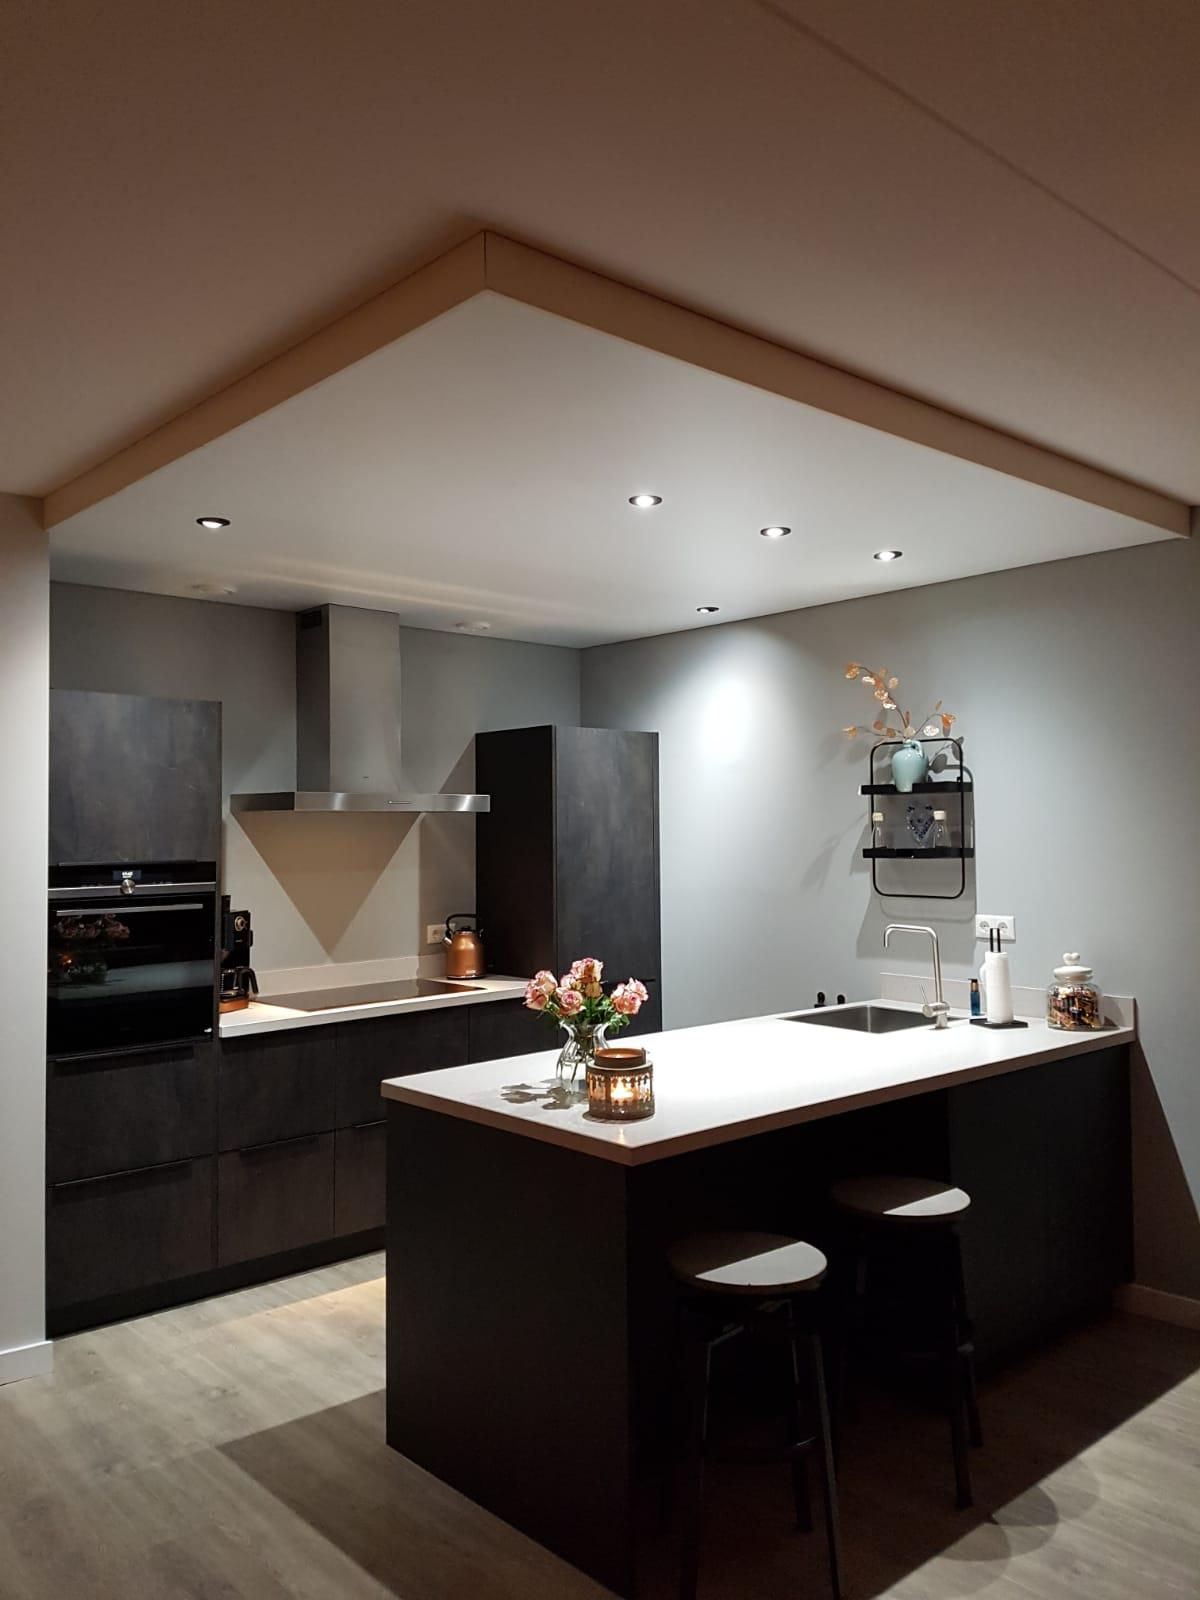 verlichting mogelijkheden in plafonds bij de keuken